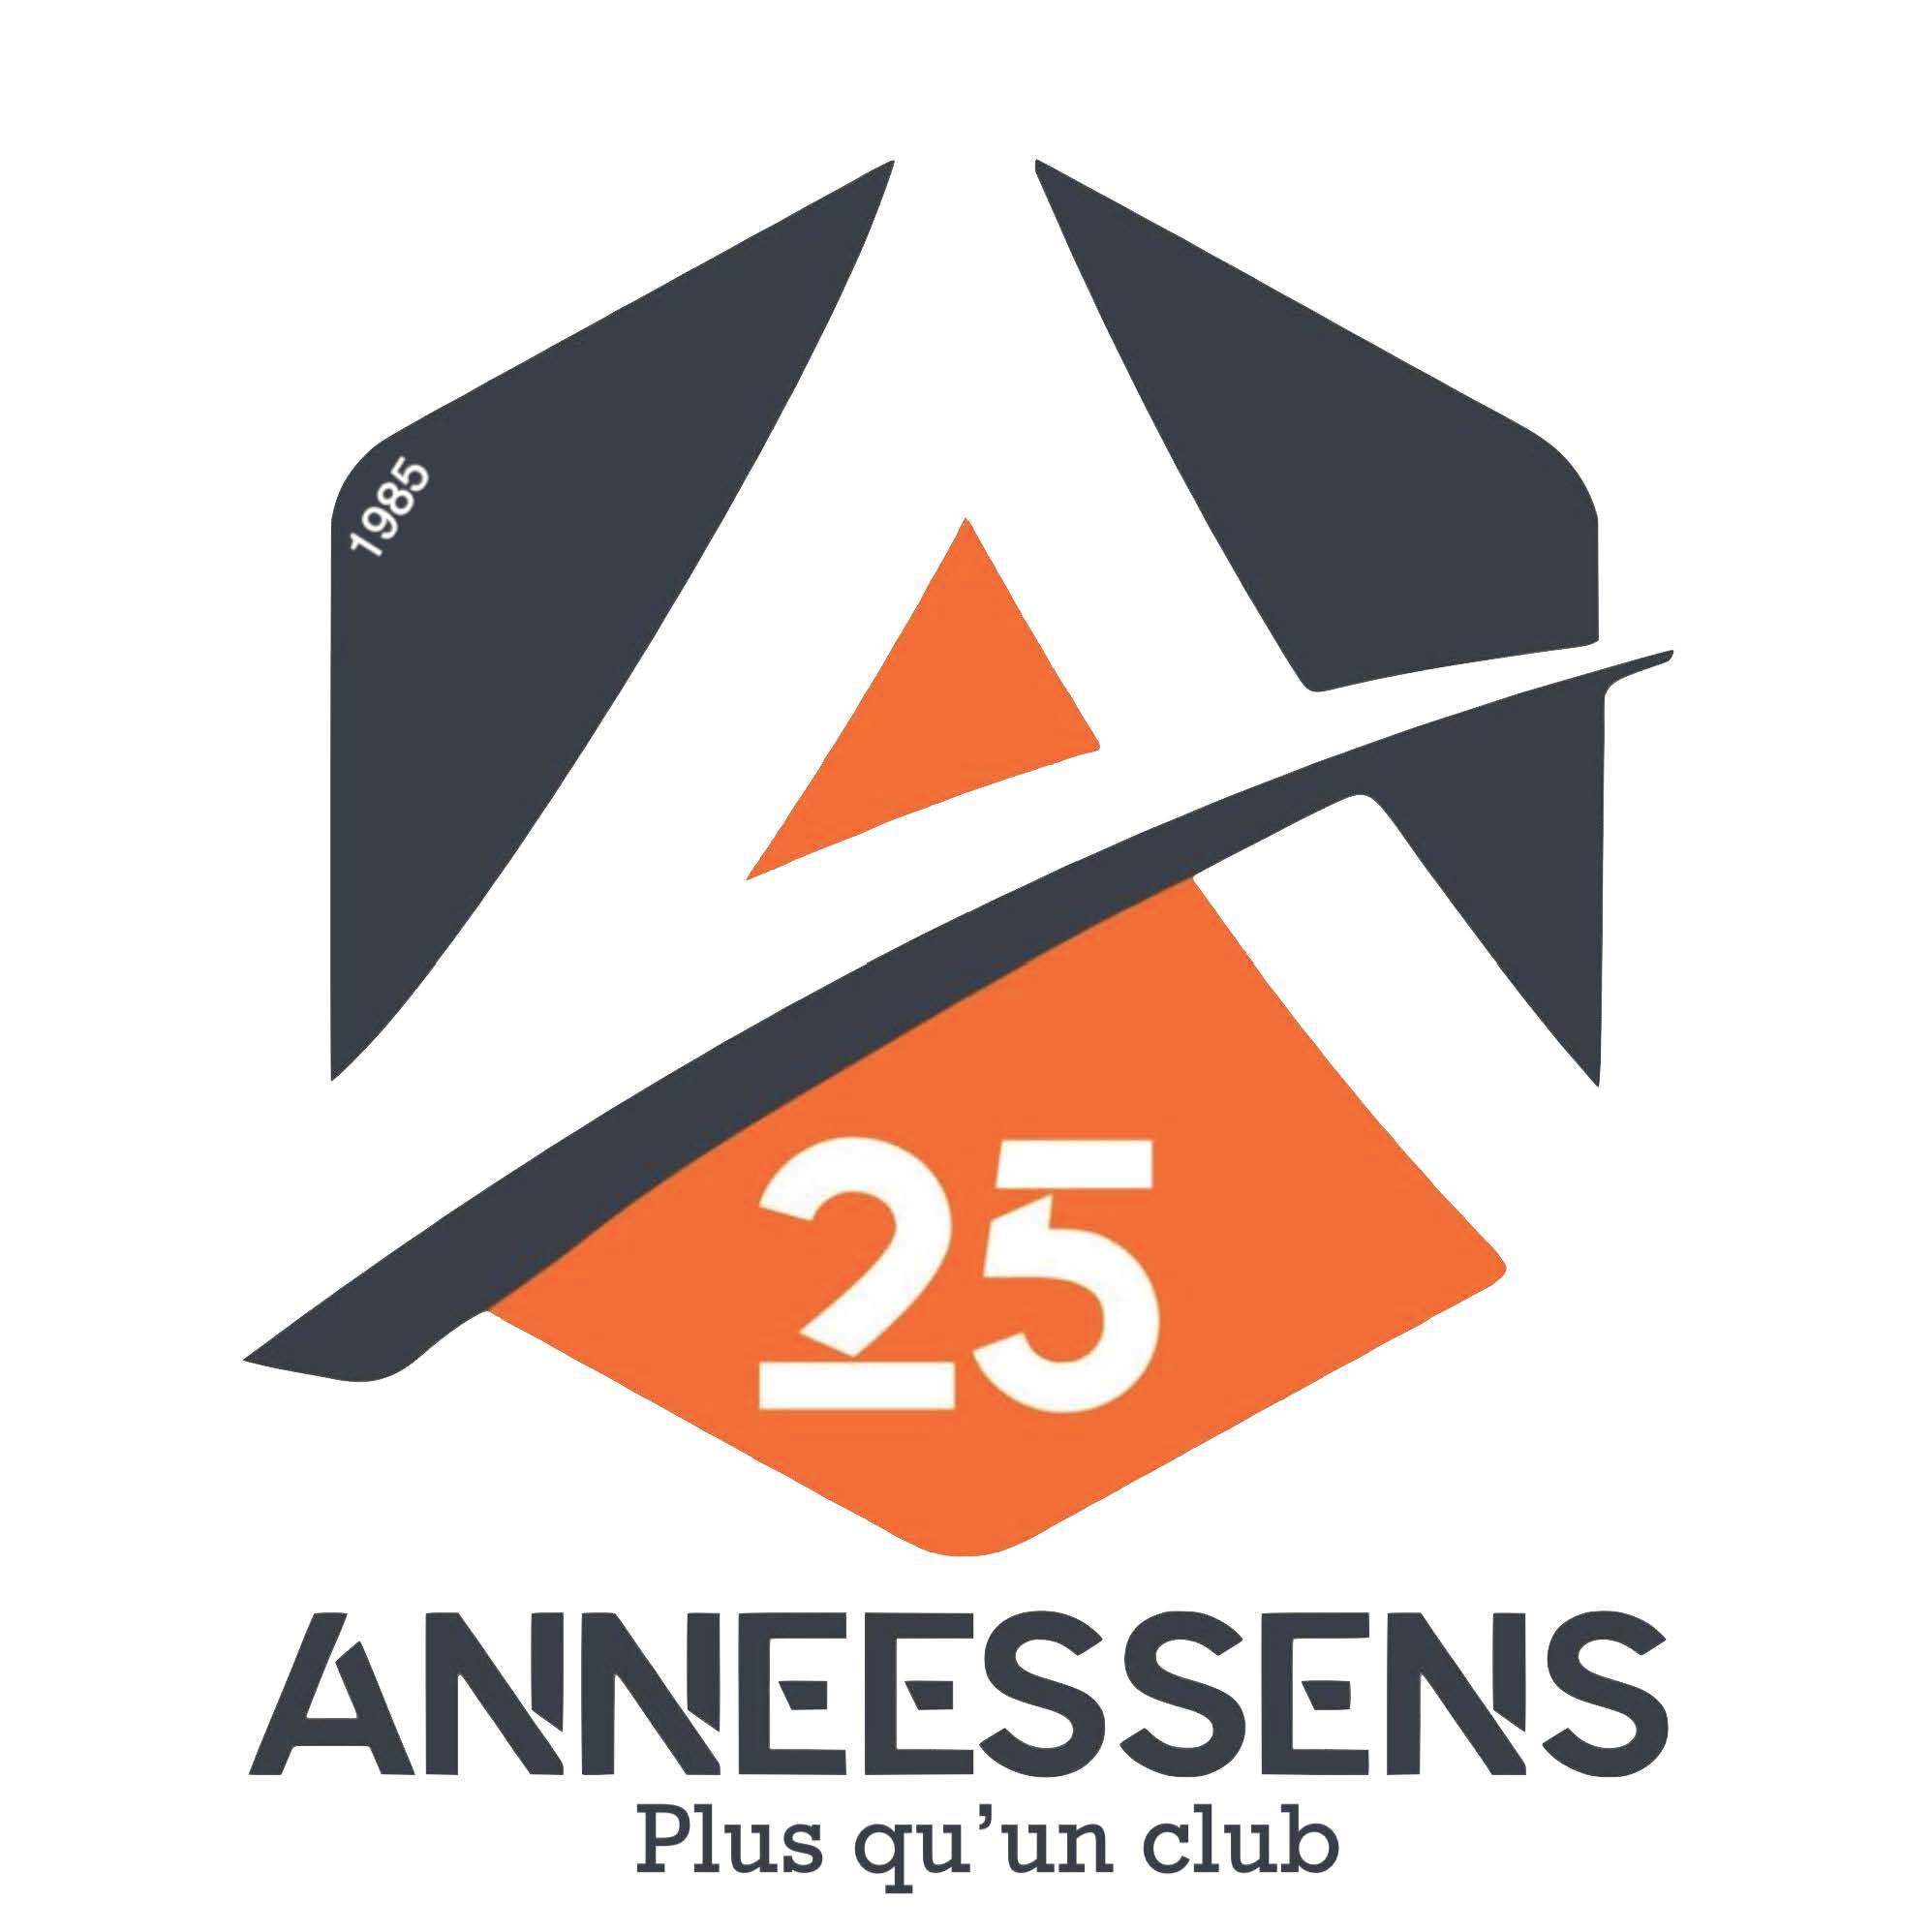 7 - Anneessens 25 Brussels